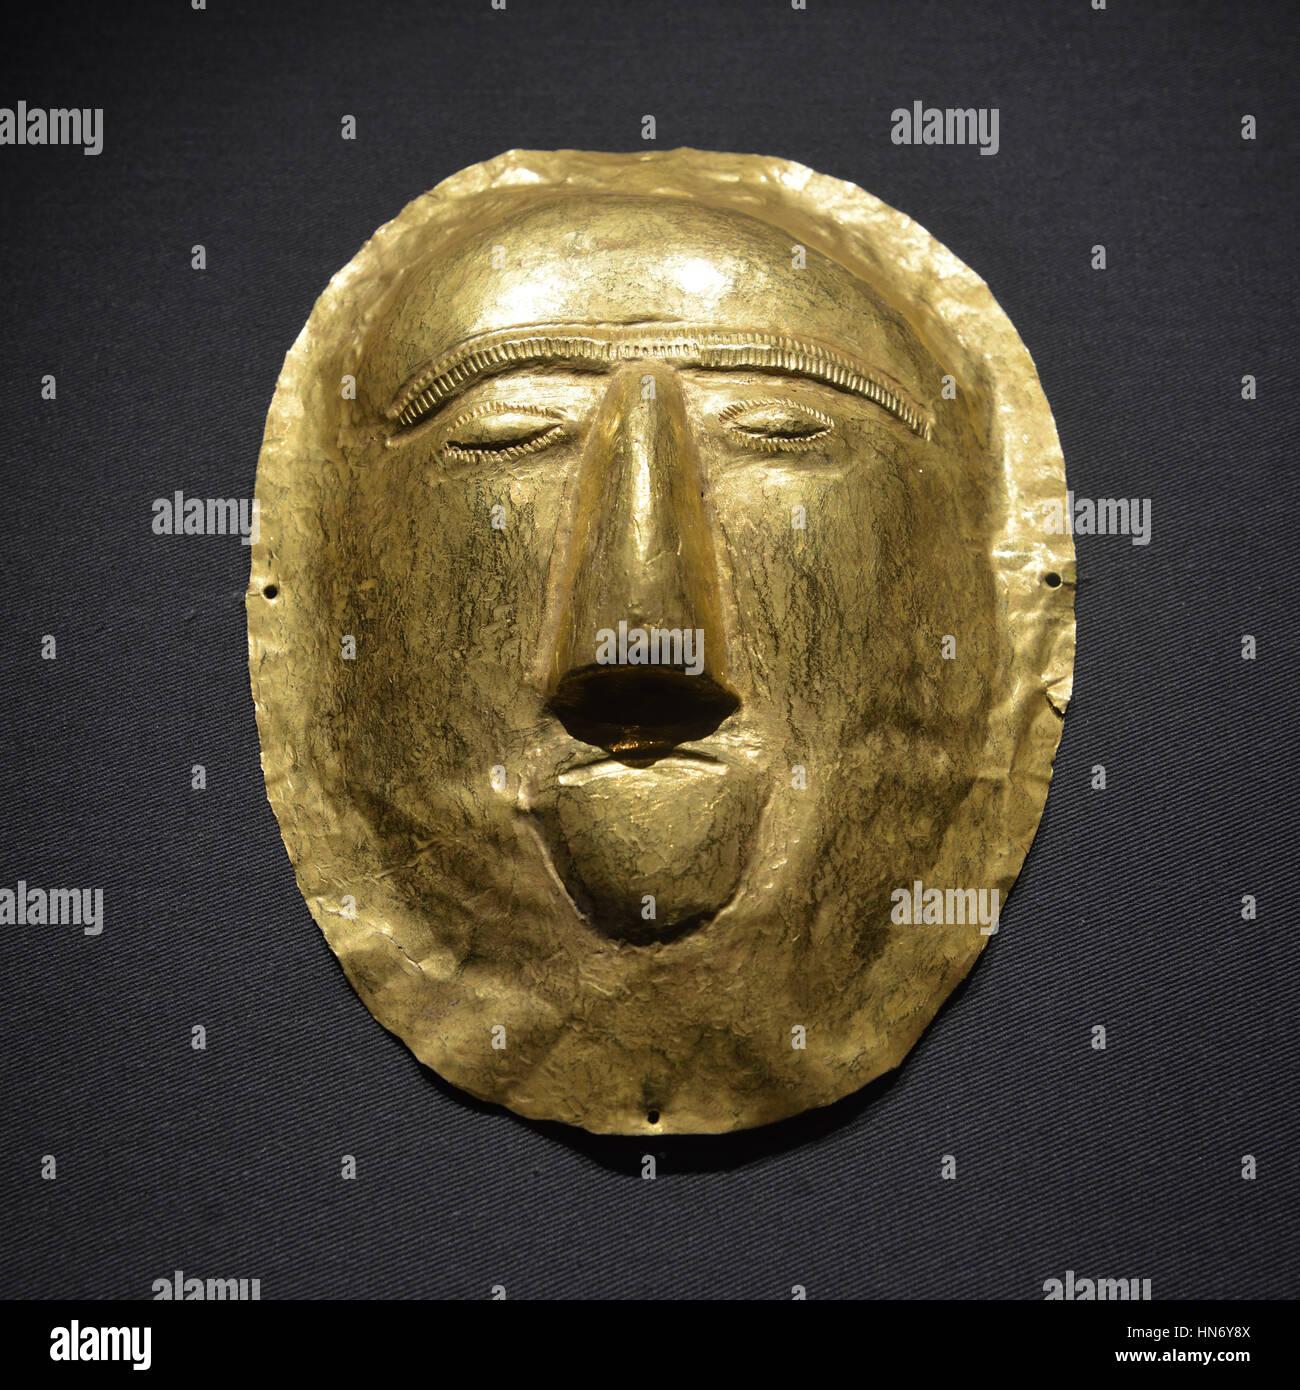 Masque funéraire. Thaj, Tell al-Zayer. 1er siècle de notre ère. L'or. Musée National, Riyad. L'Arabie Saoudite. Banque D'Images